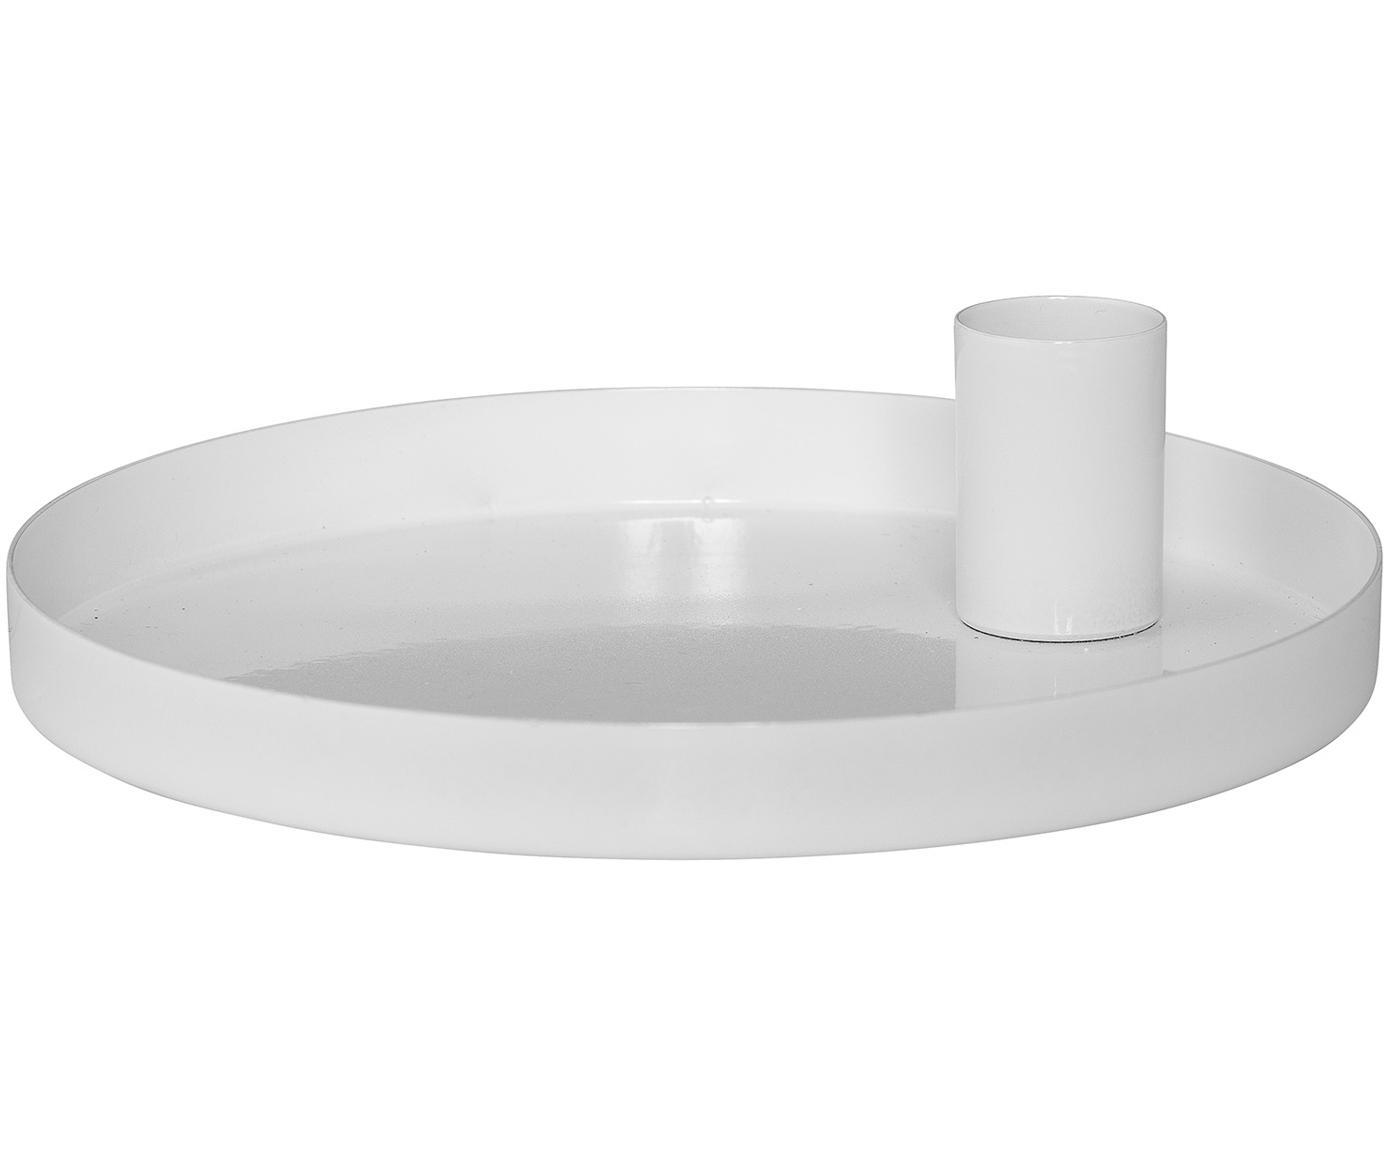 Kaarshouder Modern, Gecoat metaal, Wit, Ø 15 x H 4 cm